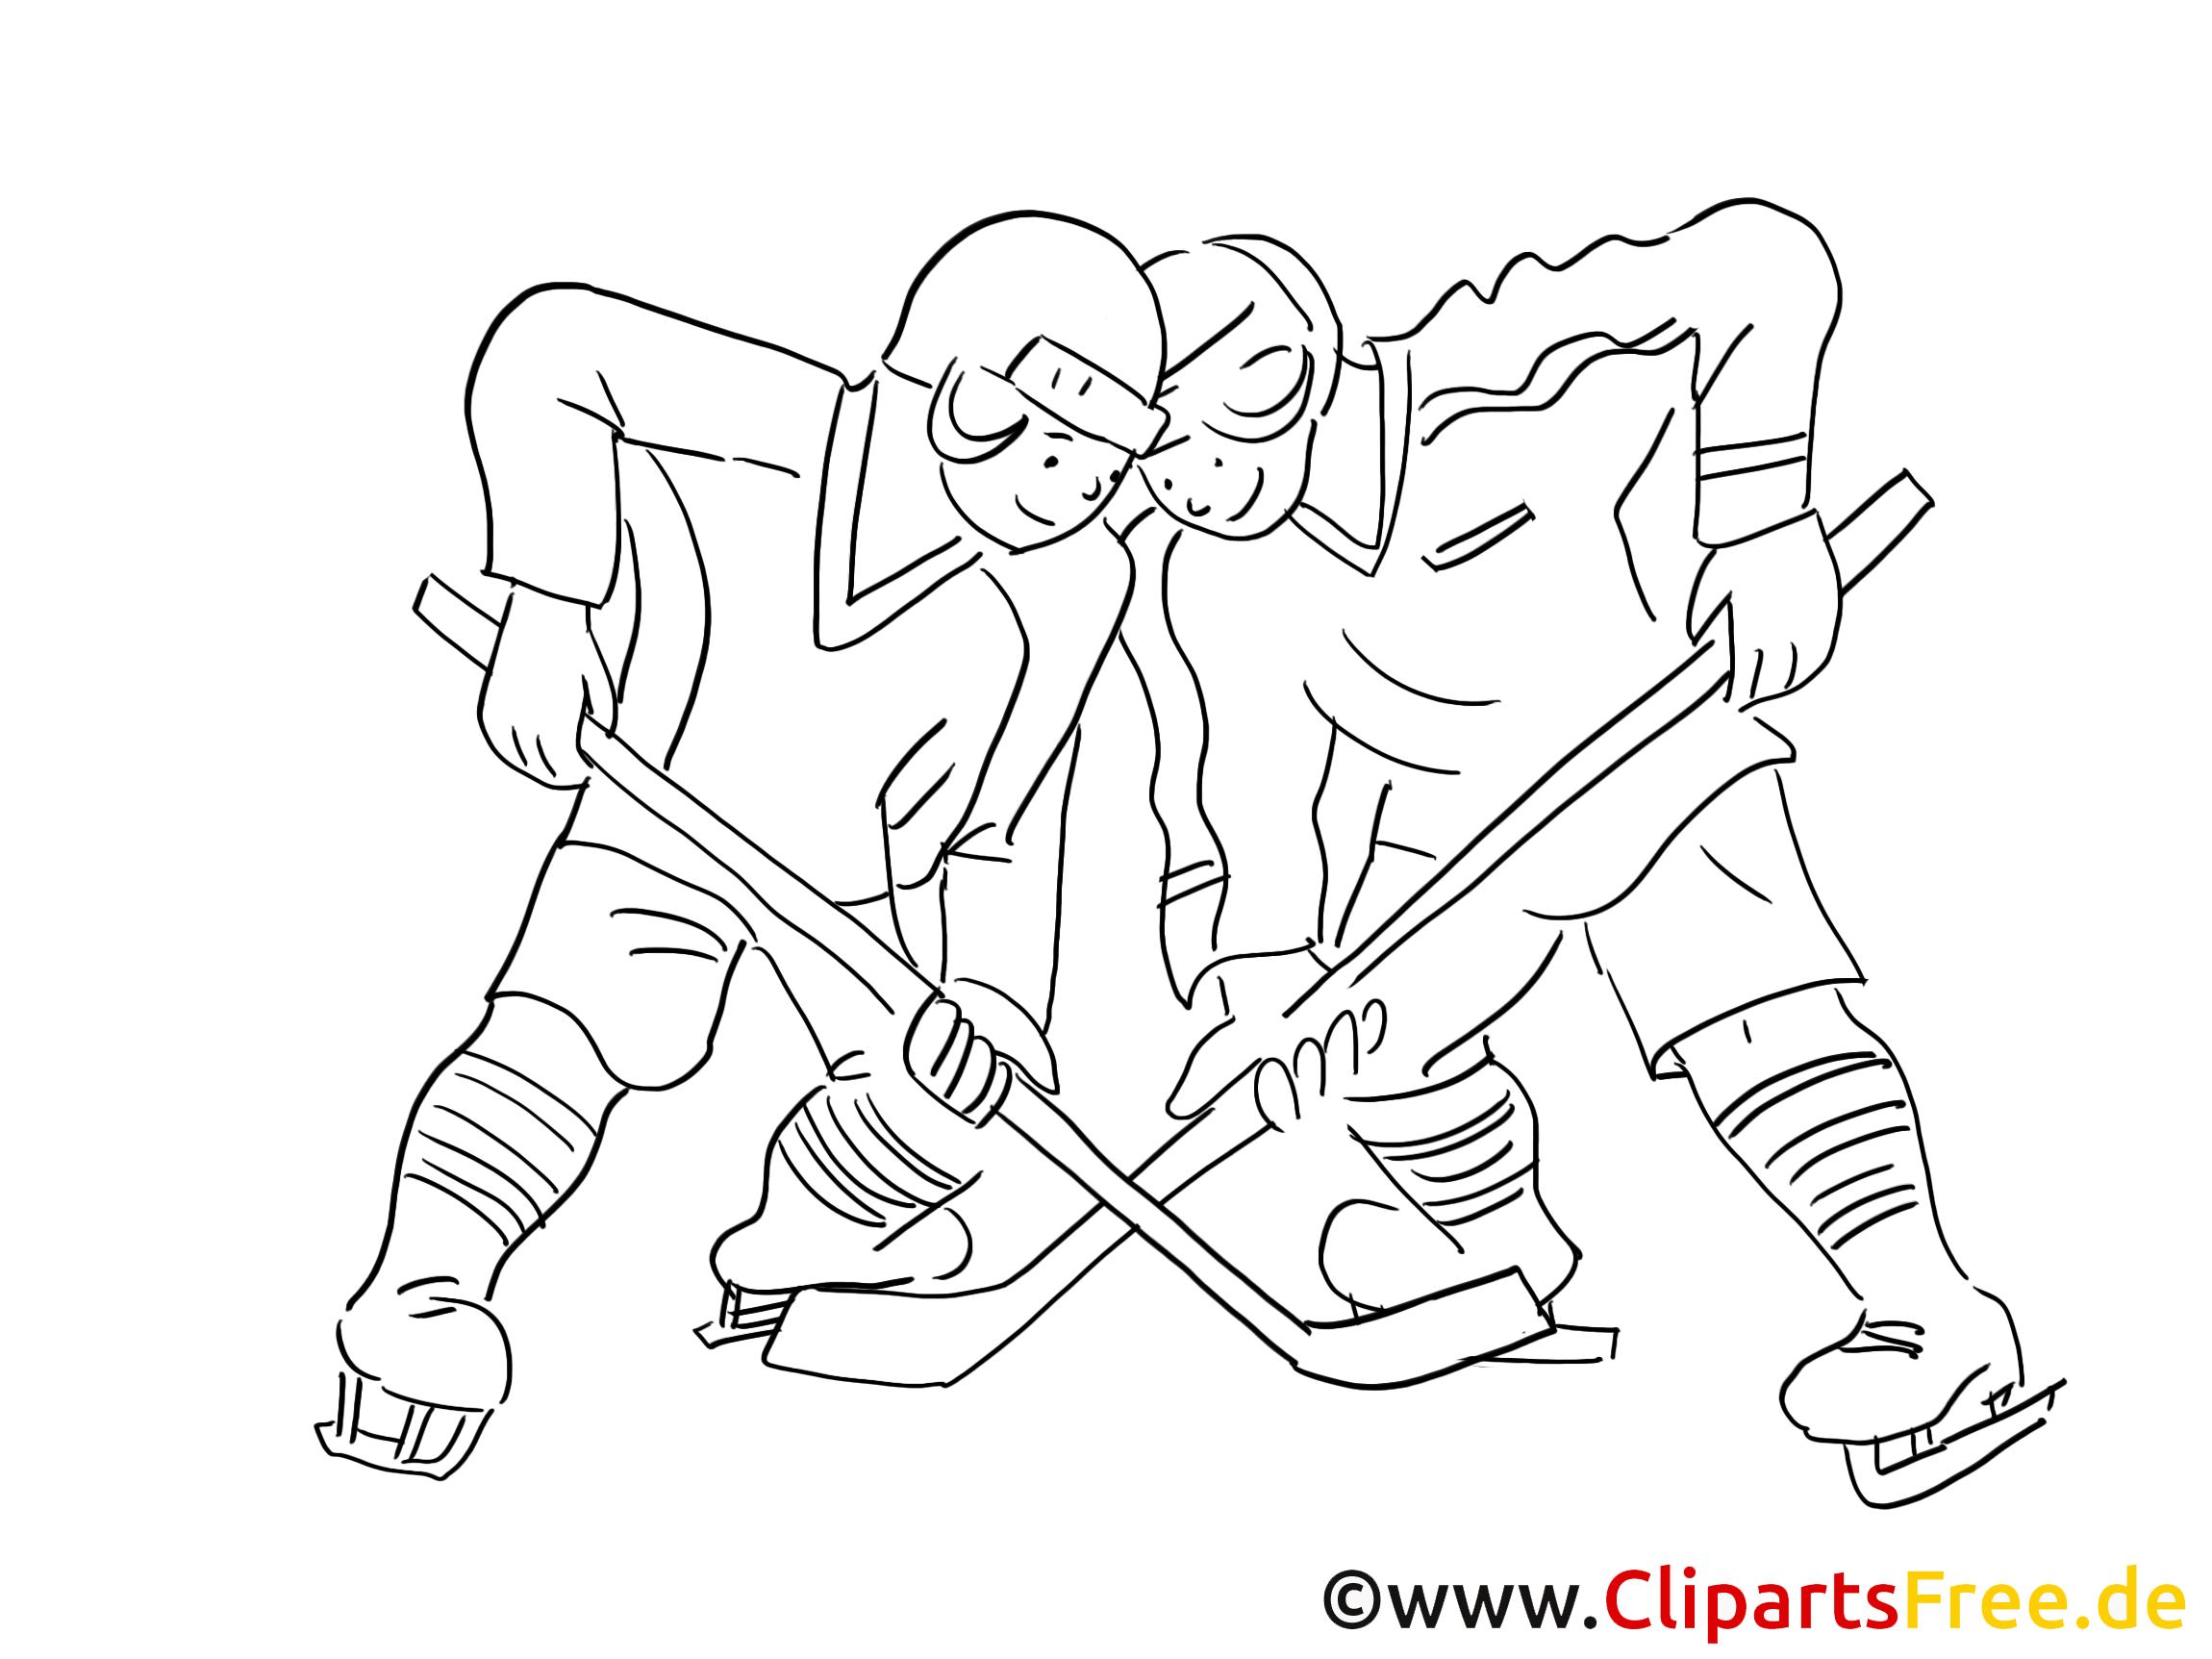 Ungewöhnlich Eishockey Malvorlagen Zum Ausdrucken Ideen ...